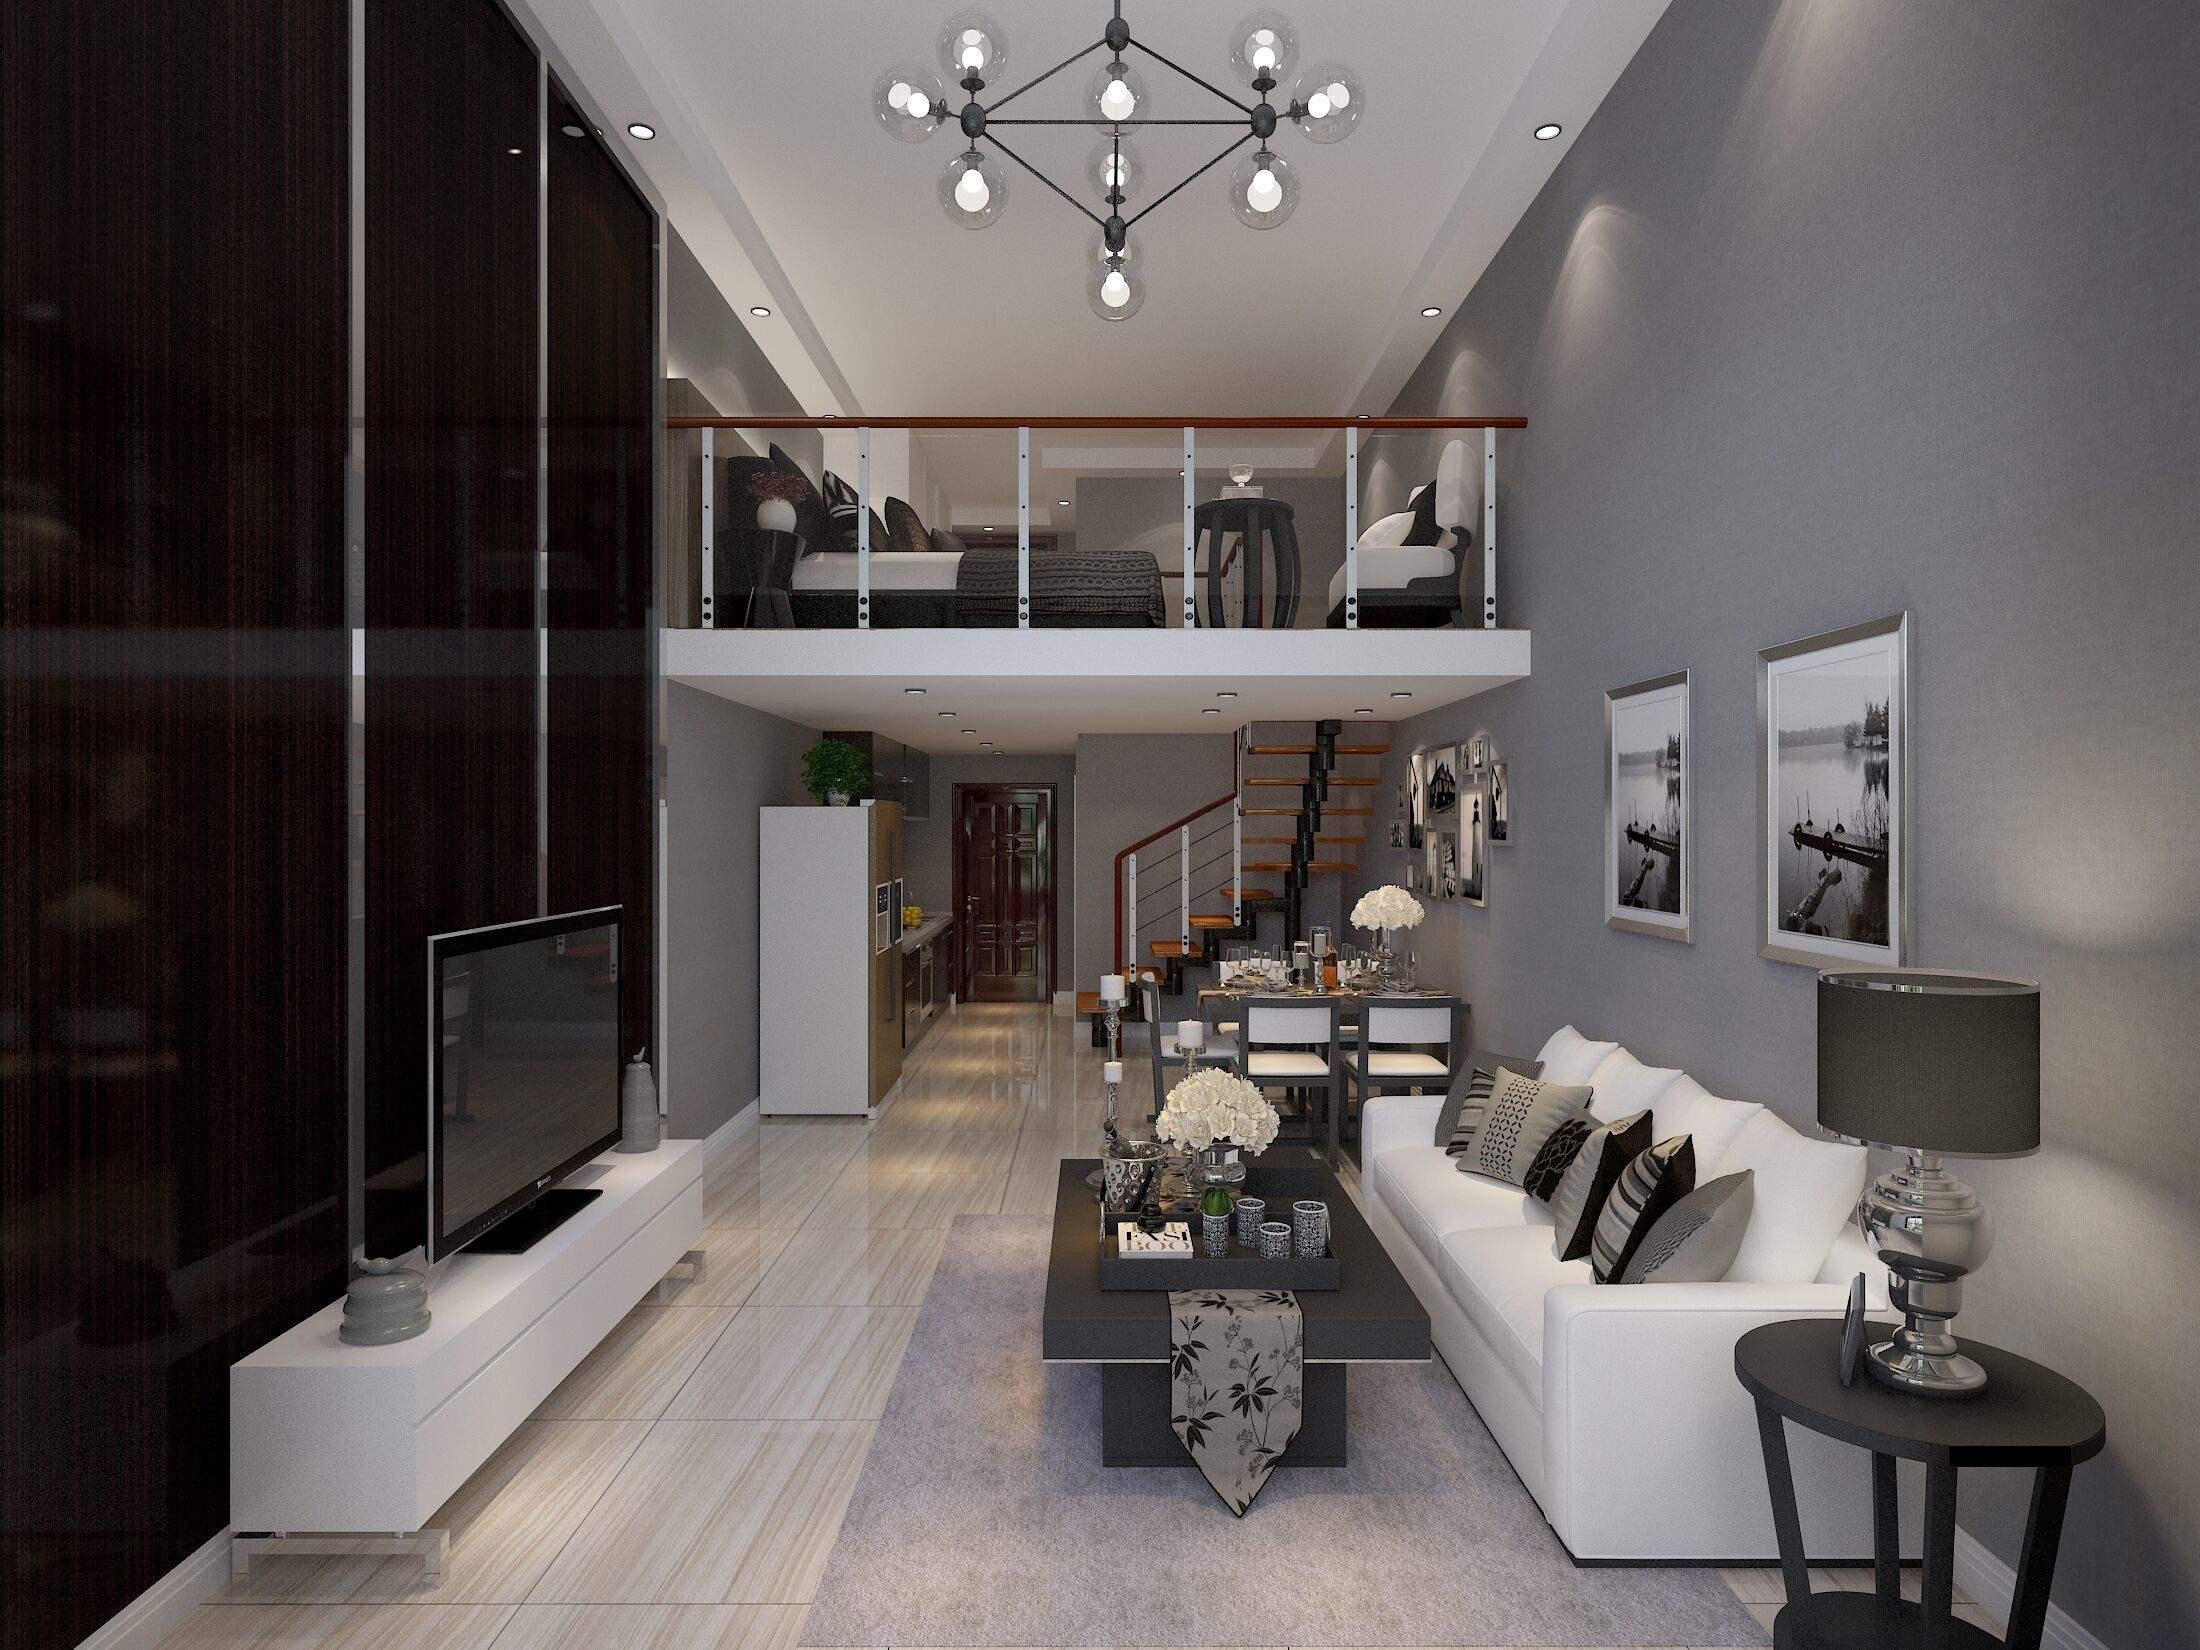 住宅和公寓的区别三:装修区别 住宅虽然分为毛坯和精装修两种,但是